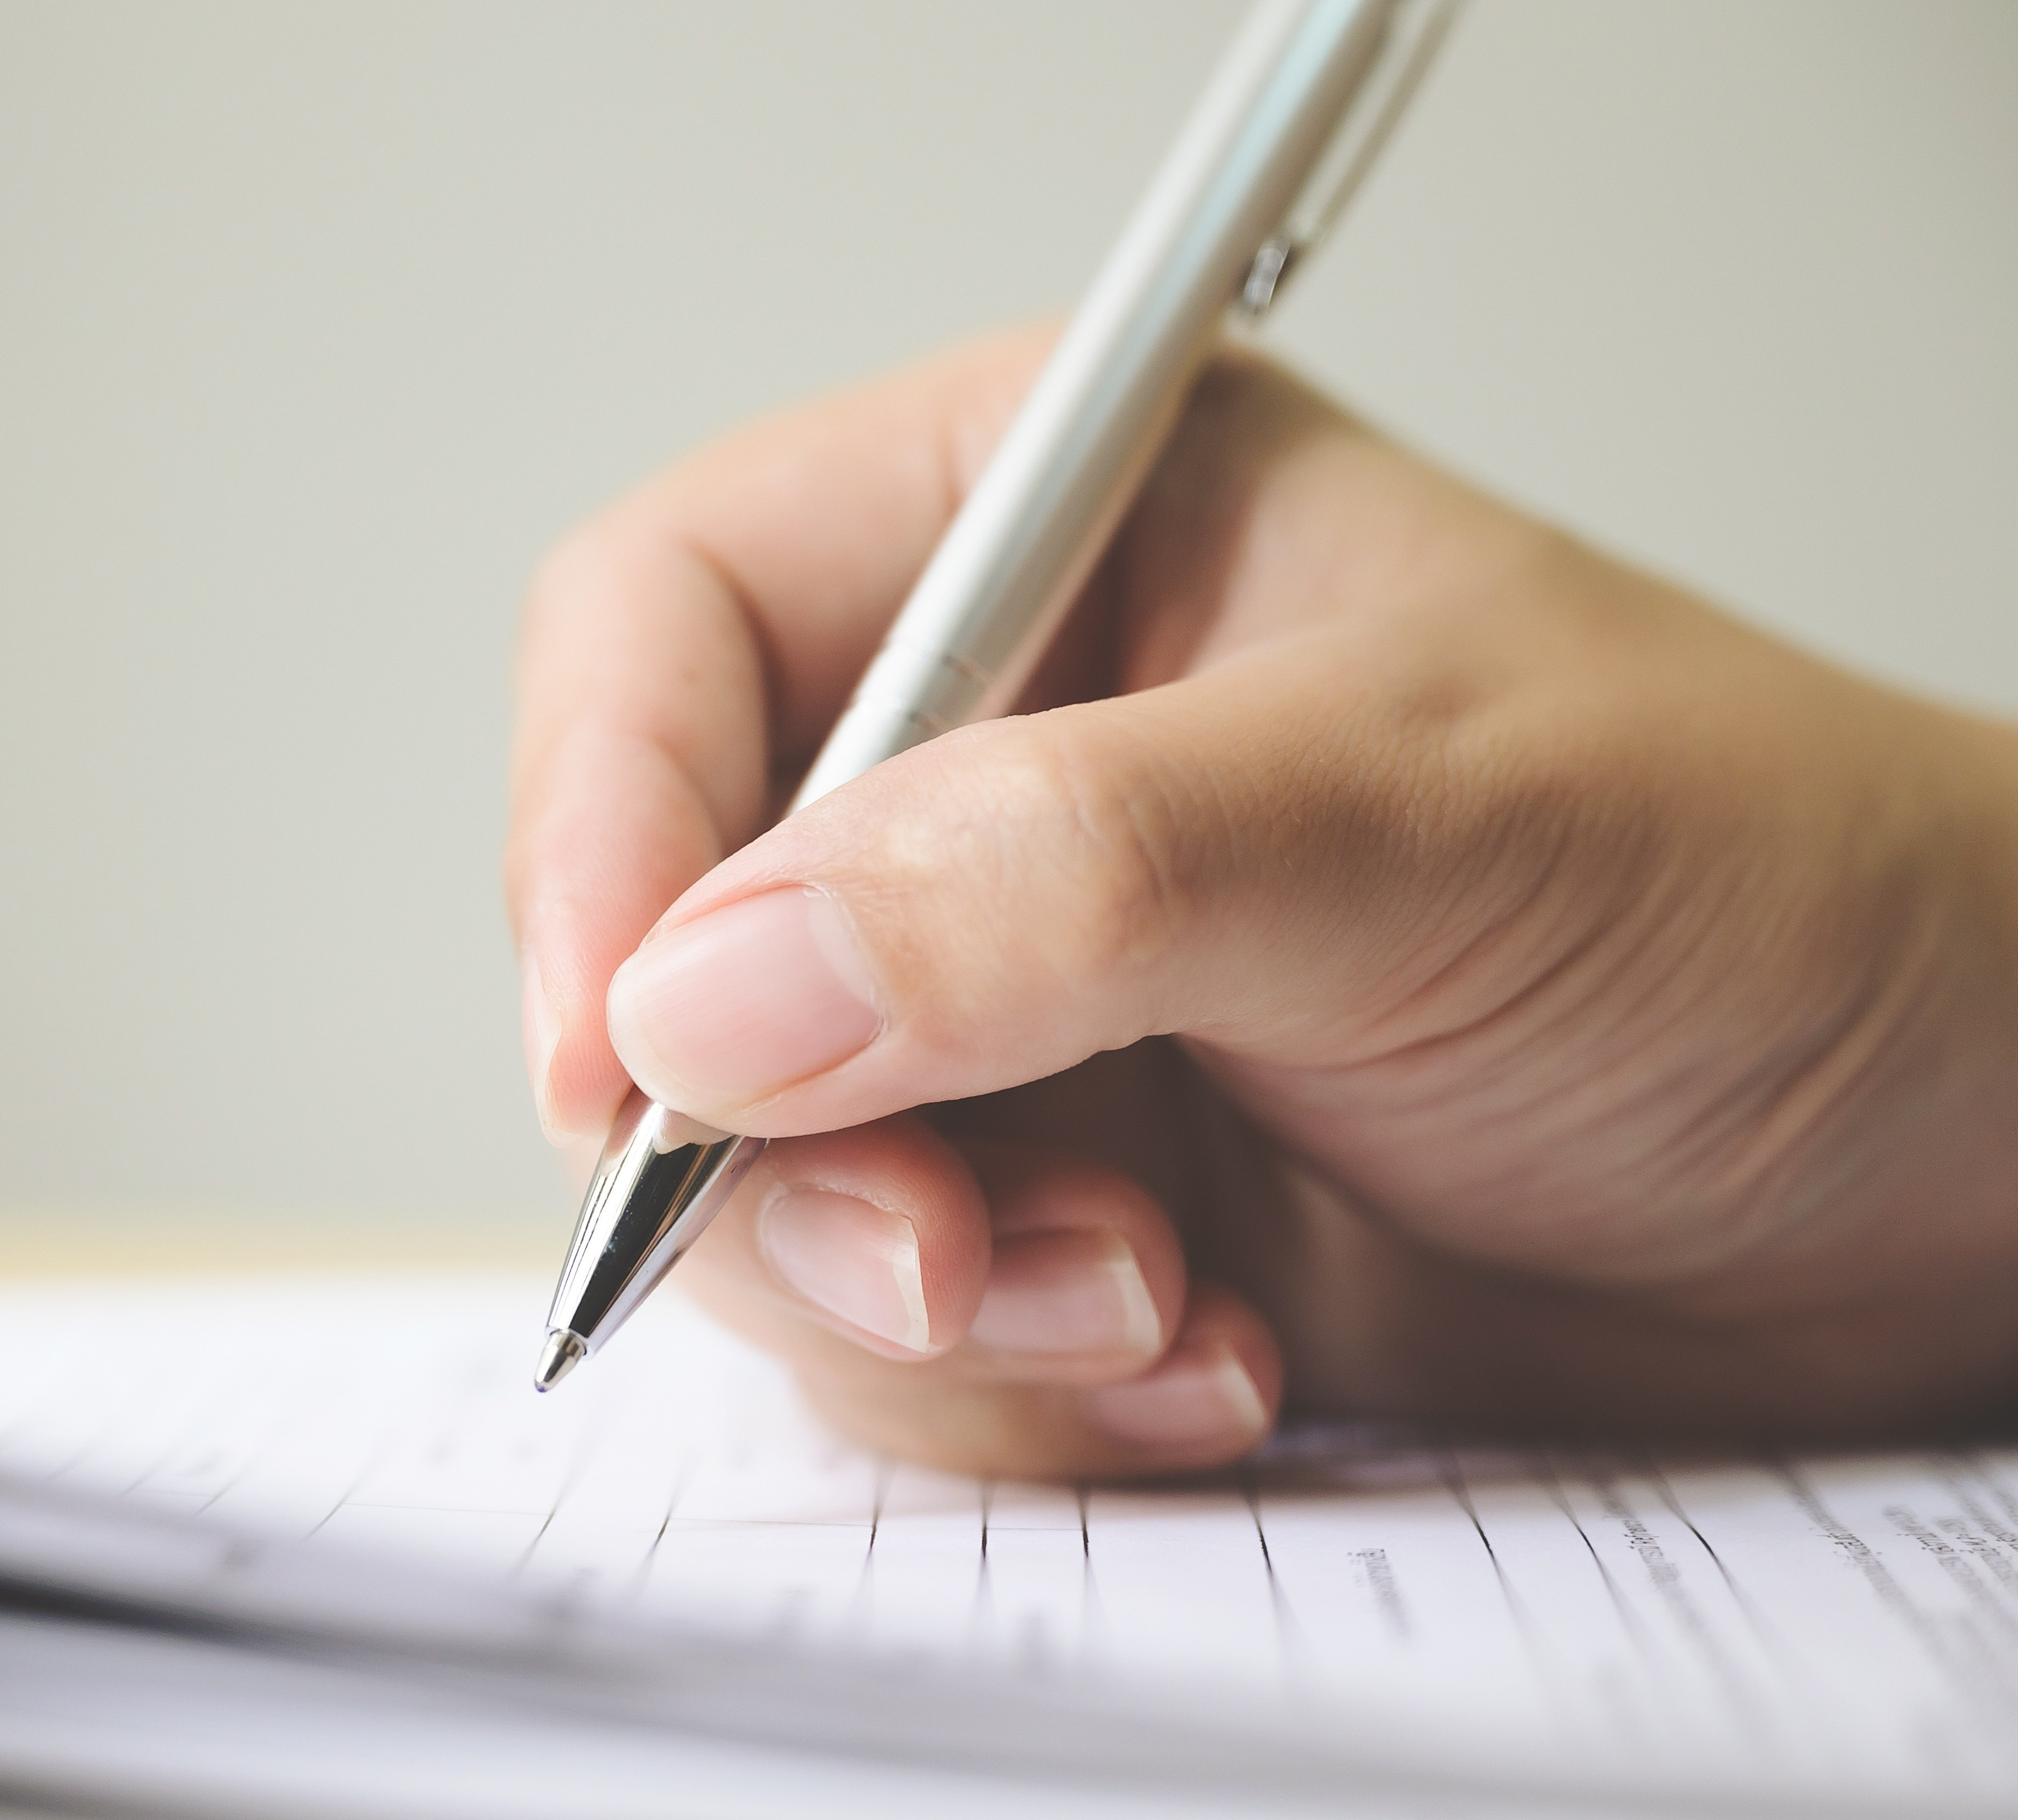 ¿Qué tipo de incumplimientos de contrato de la parte vendedora permiten la devolución parcial (moderación) de la cuantía entregada?